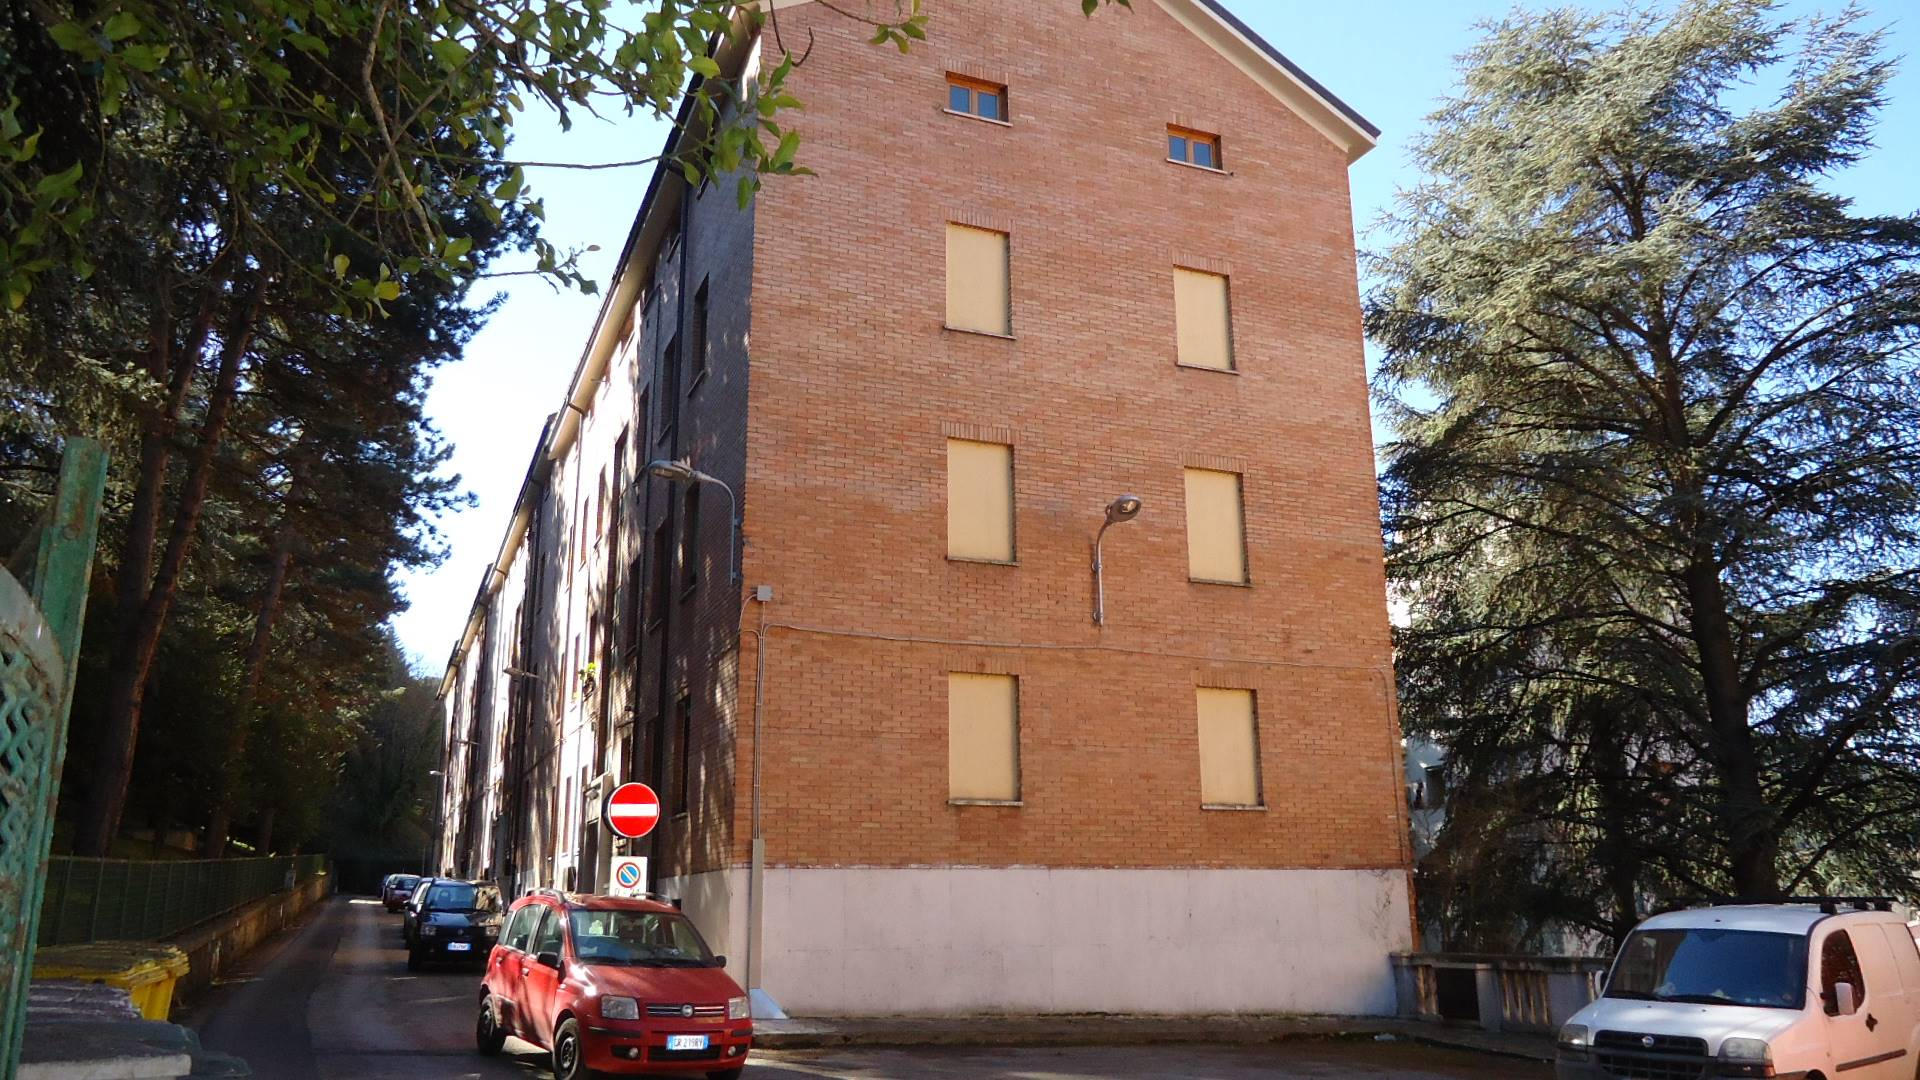 Attico / Mansarda in vendita a L'Aquila, 3 locali, zona Località: Centrostorico, prezzo € 50.000 | CambioCasa.it